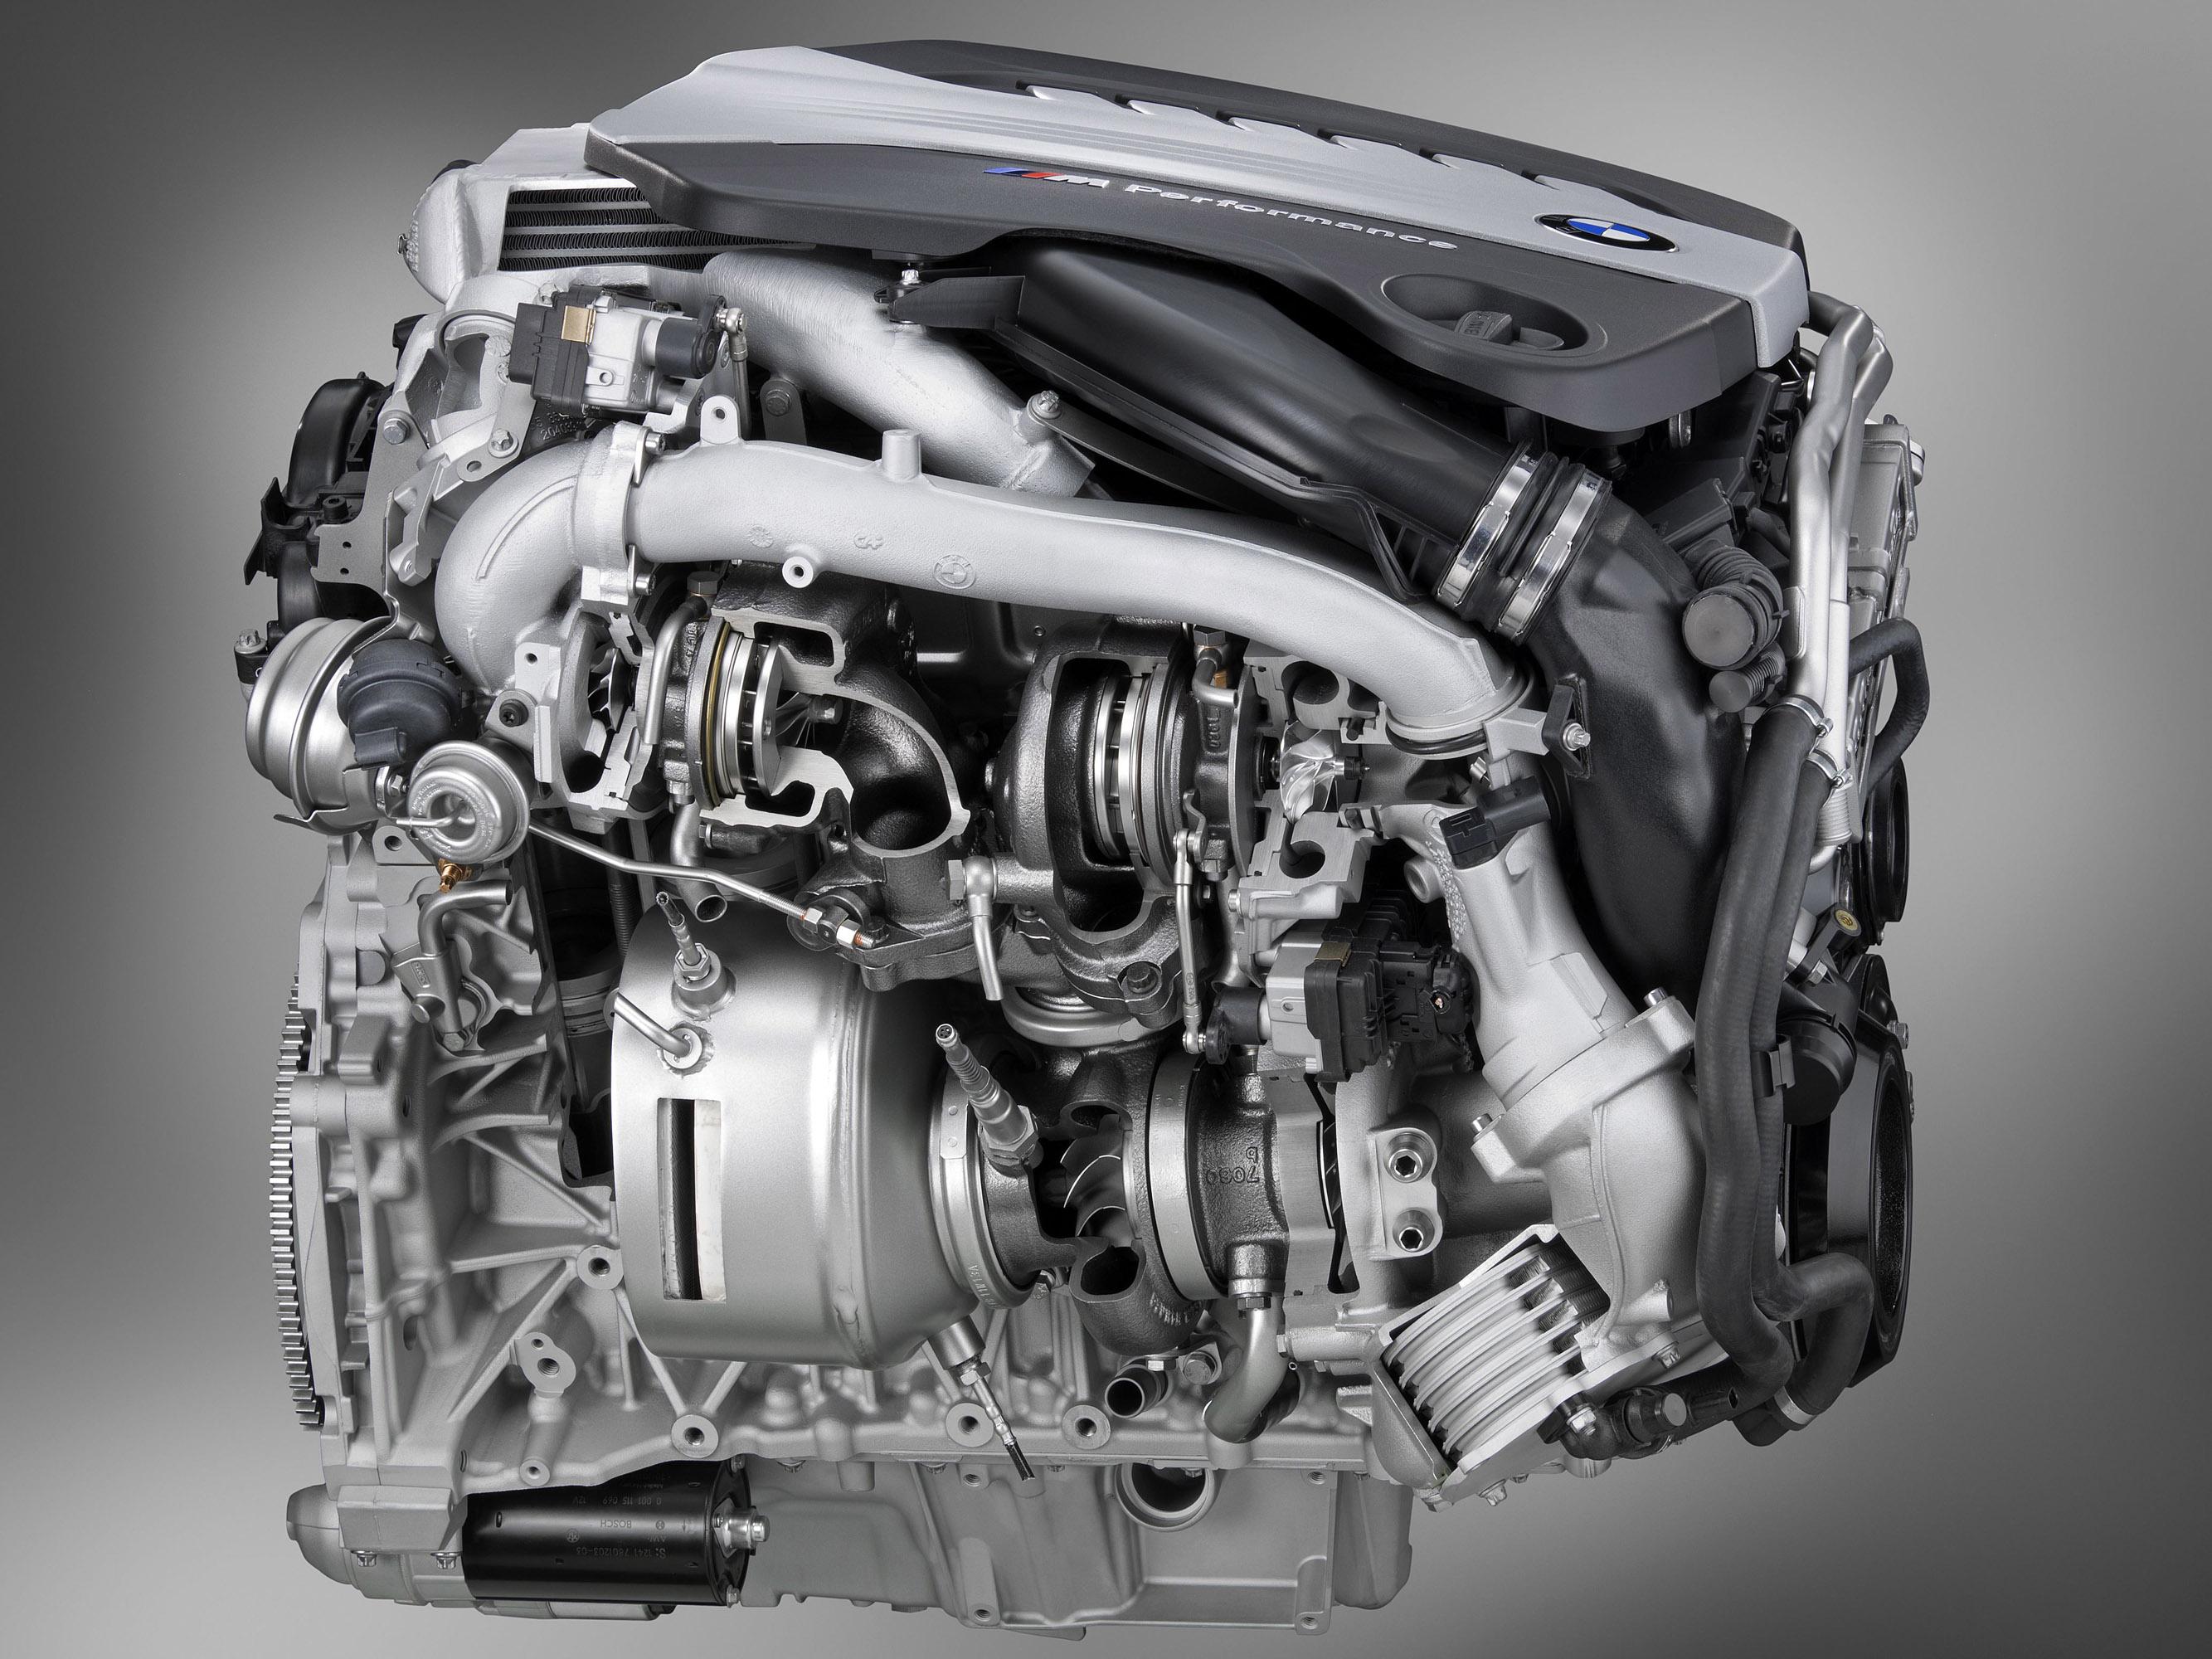 http://www.automobilesreview.com/img/bmw-n57s-diesel/bmw-n57s-diesel-22.jpg